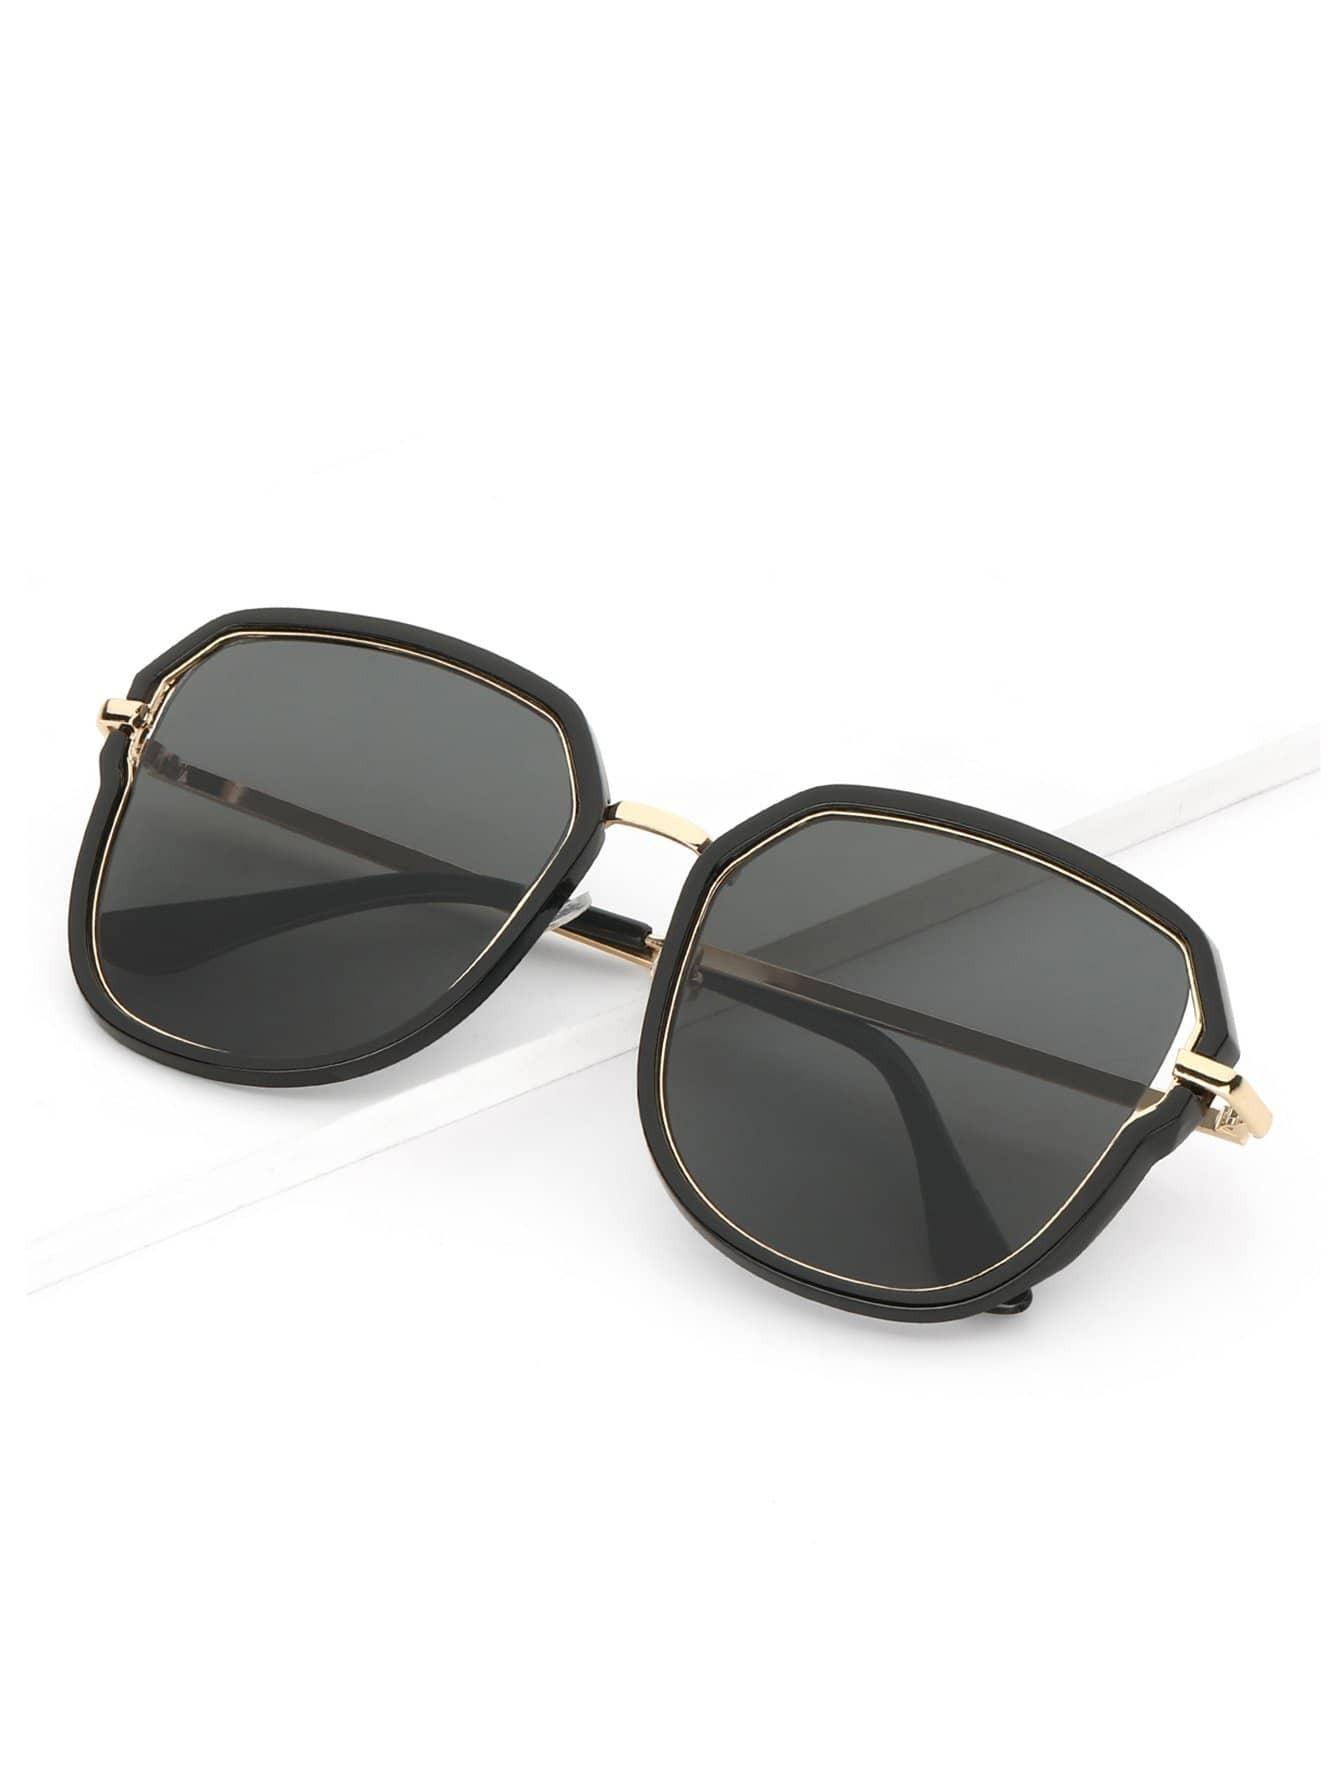 Купить Мужские солнцезащитные очки с двойными оправами, null, SheIn